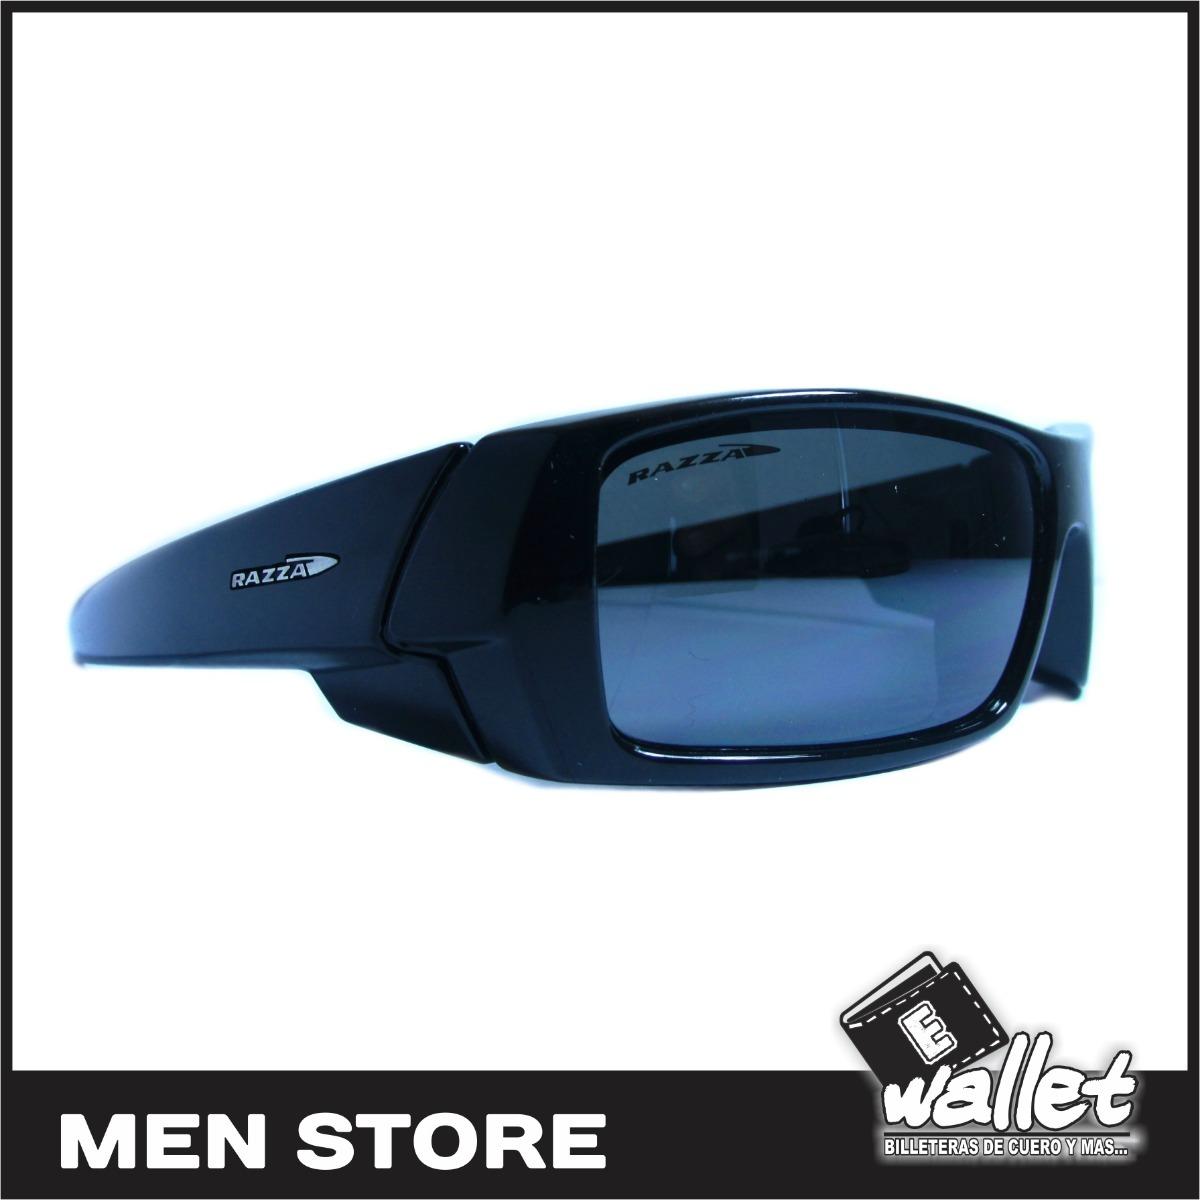 8a1bb3e9cd razza - lentes de sol deportivo negro uv400 - e wallet lima. Cargando zoom.